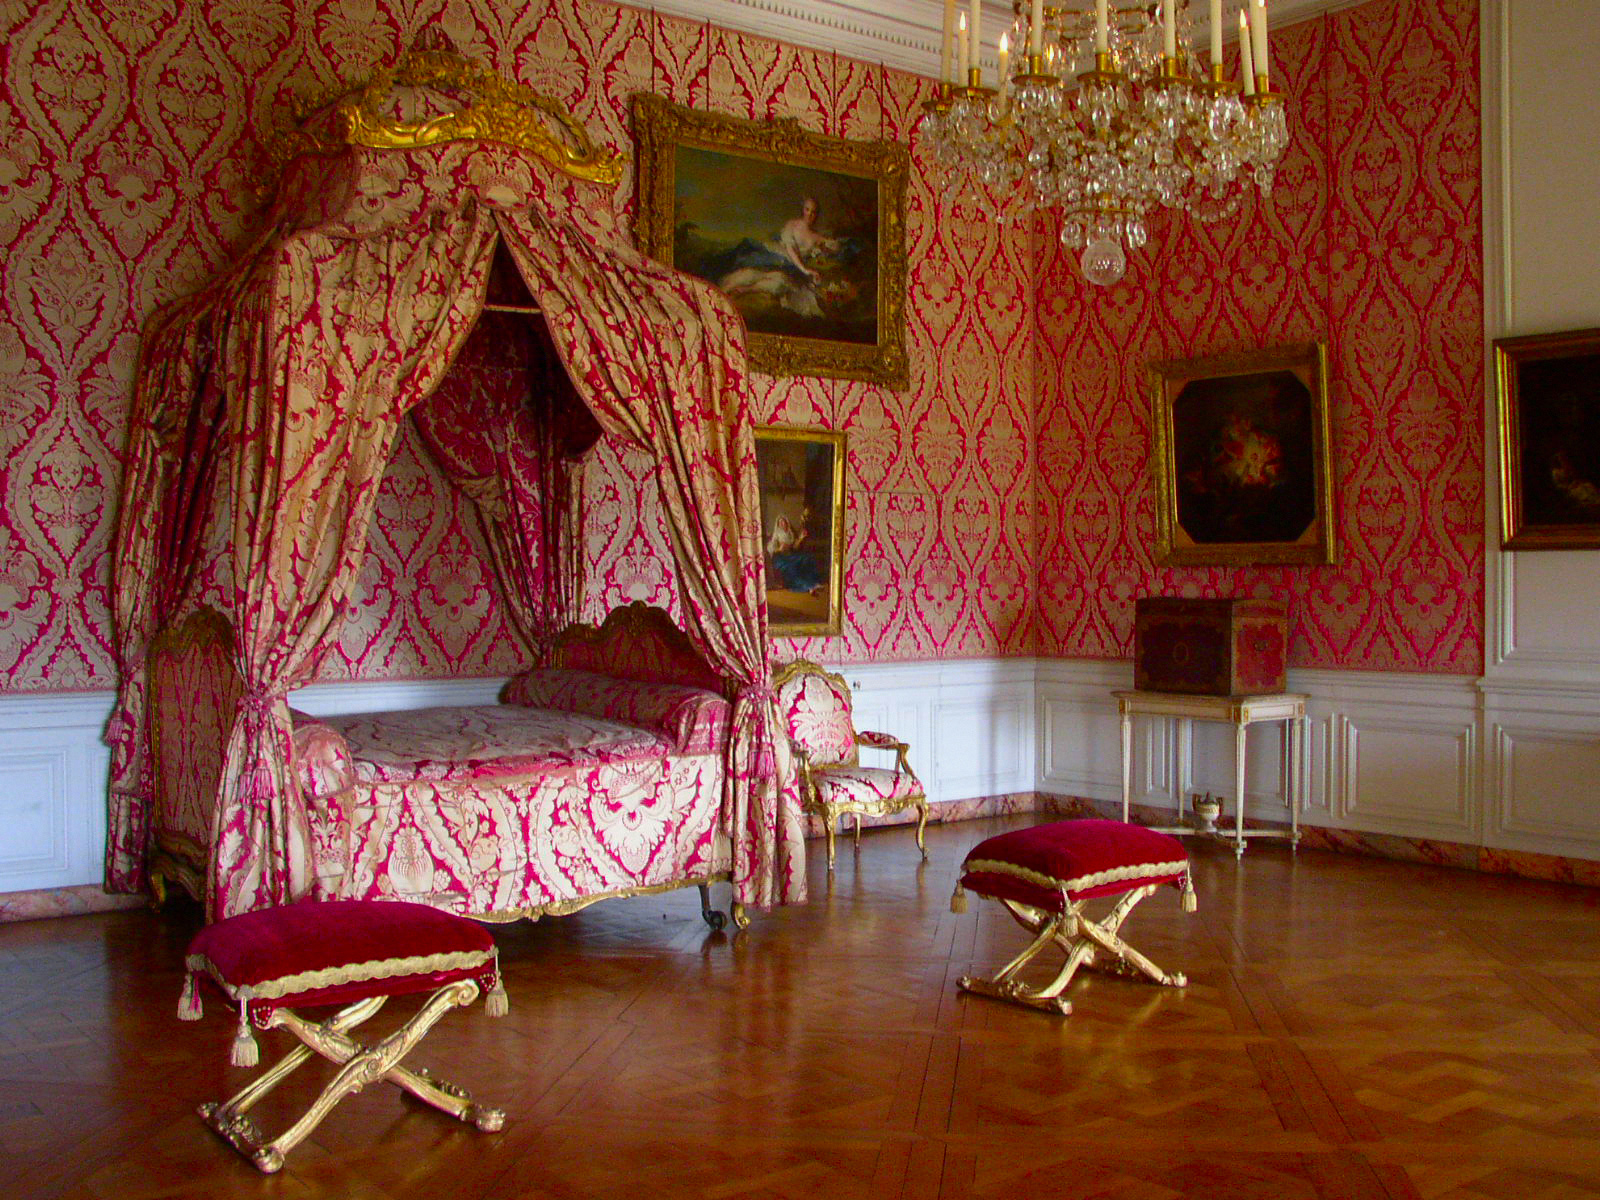 ベルサイユ宮殿のベッド